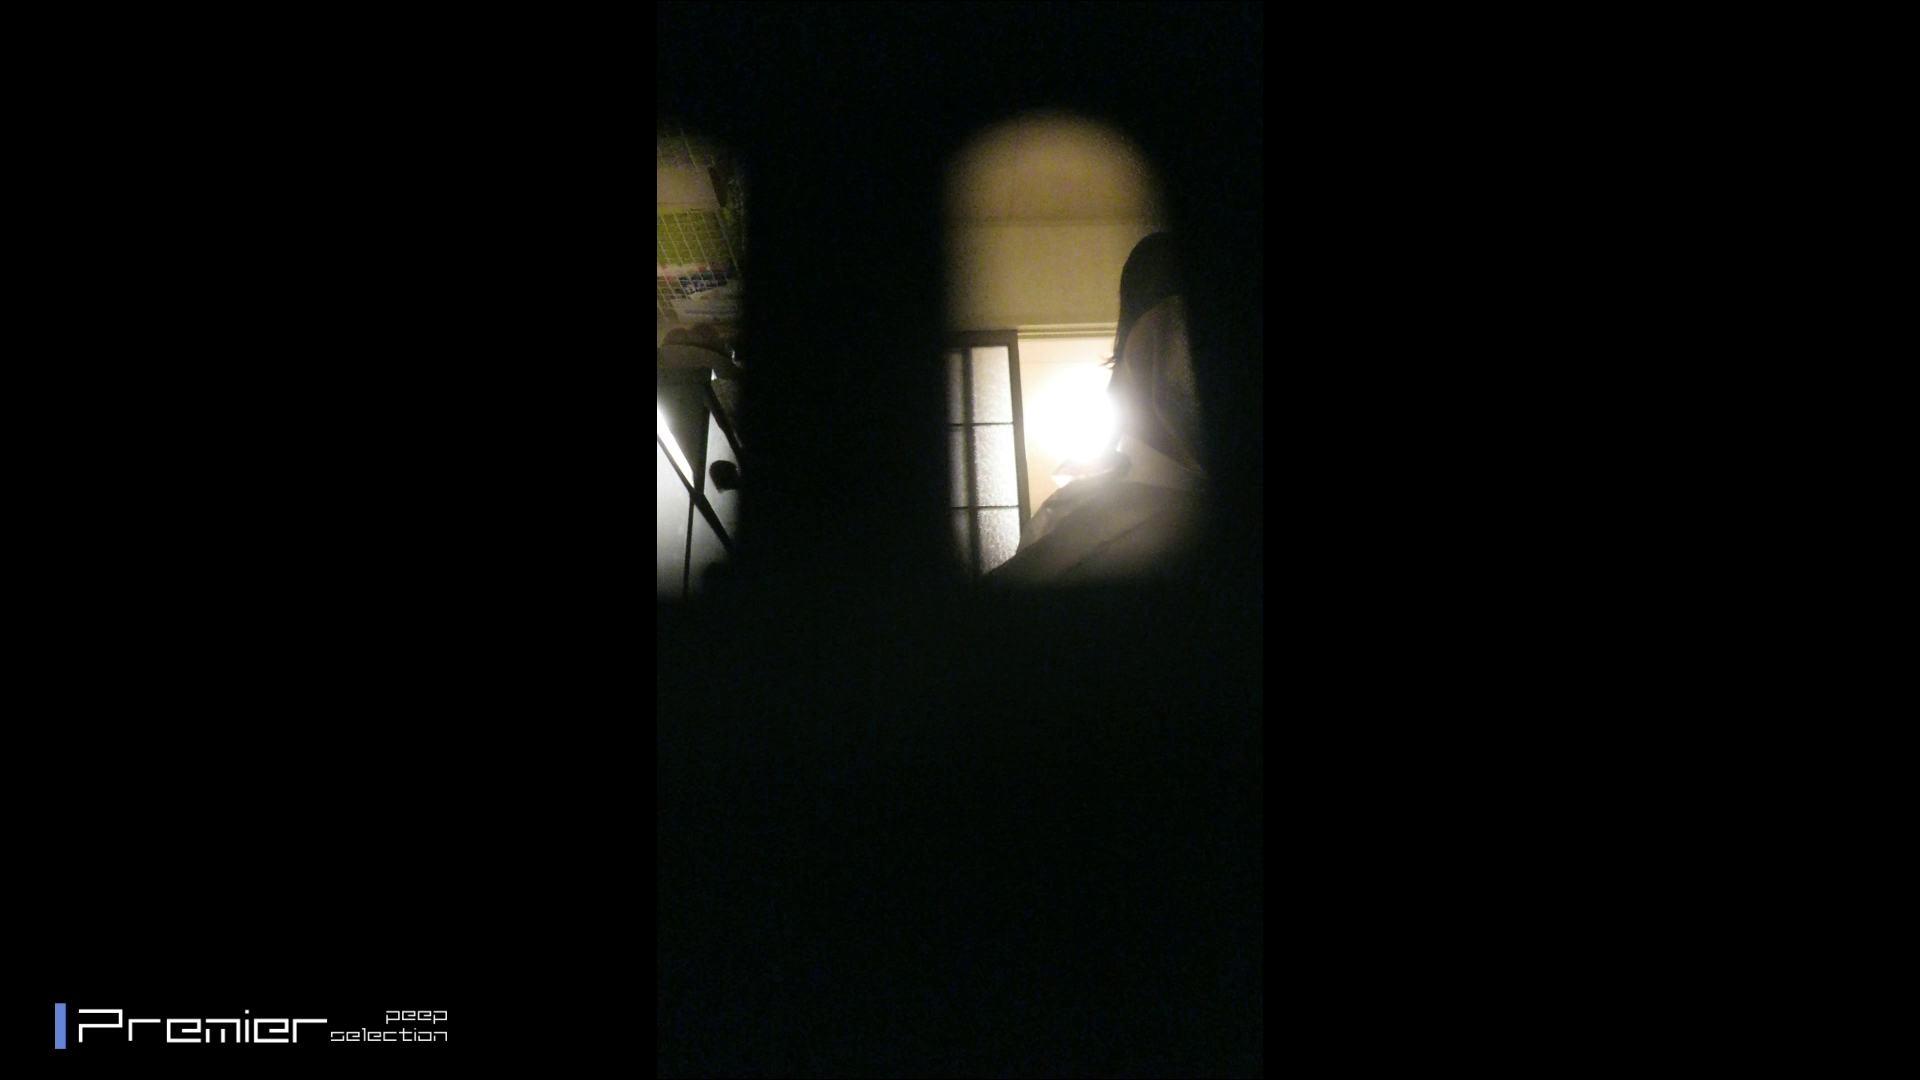 美女達の私生活に潜入!一人暮らし女子大生が見せる入浴前の恥ずかしい姿 入浴中 盗撮 107画像 12